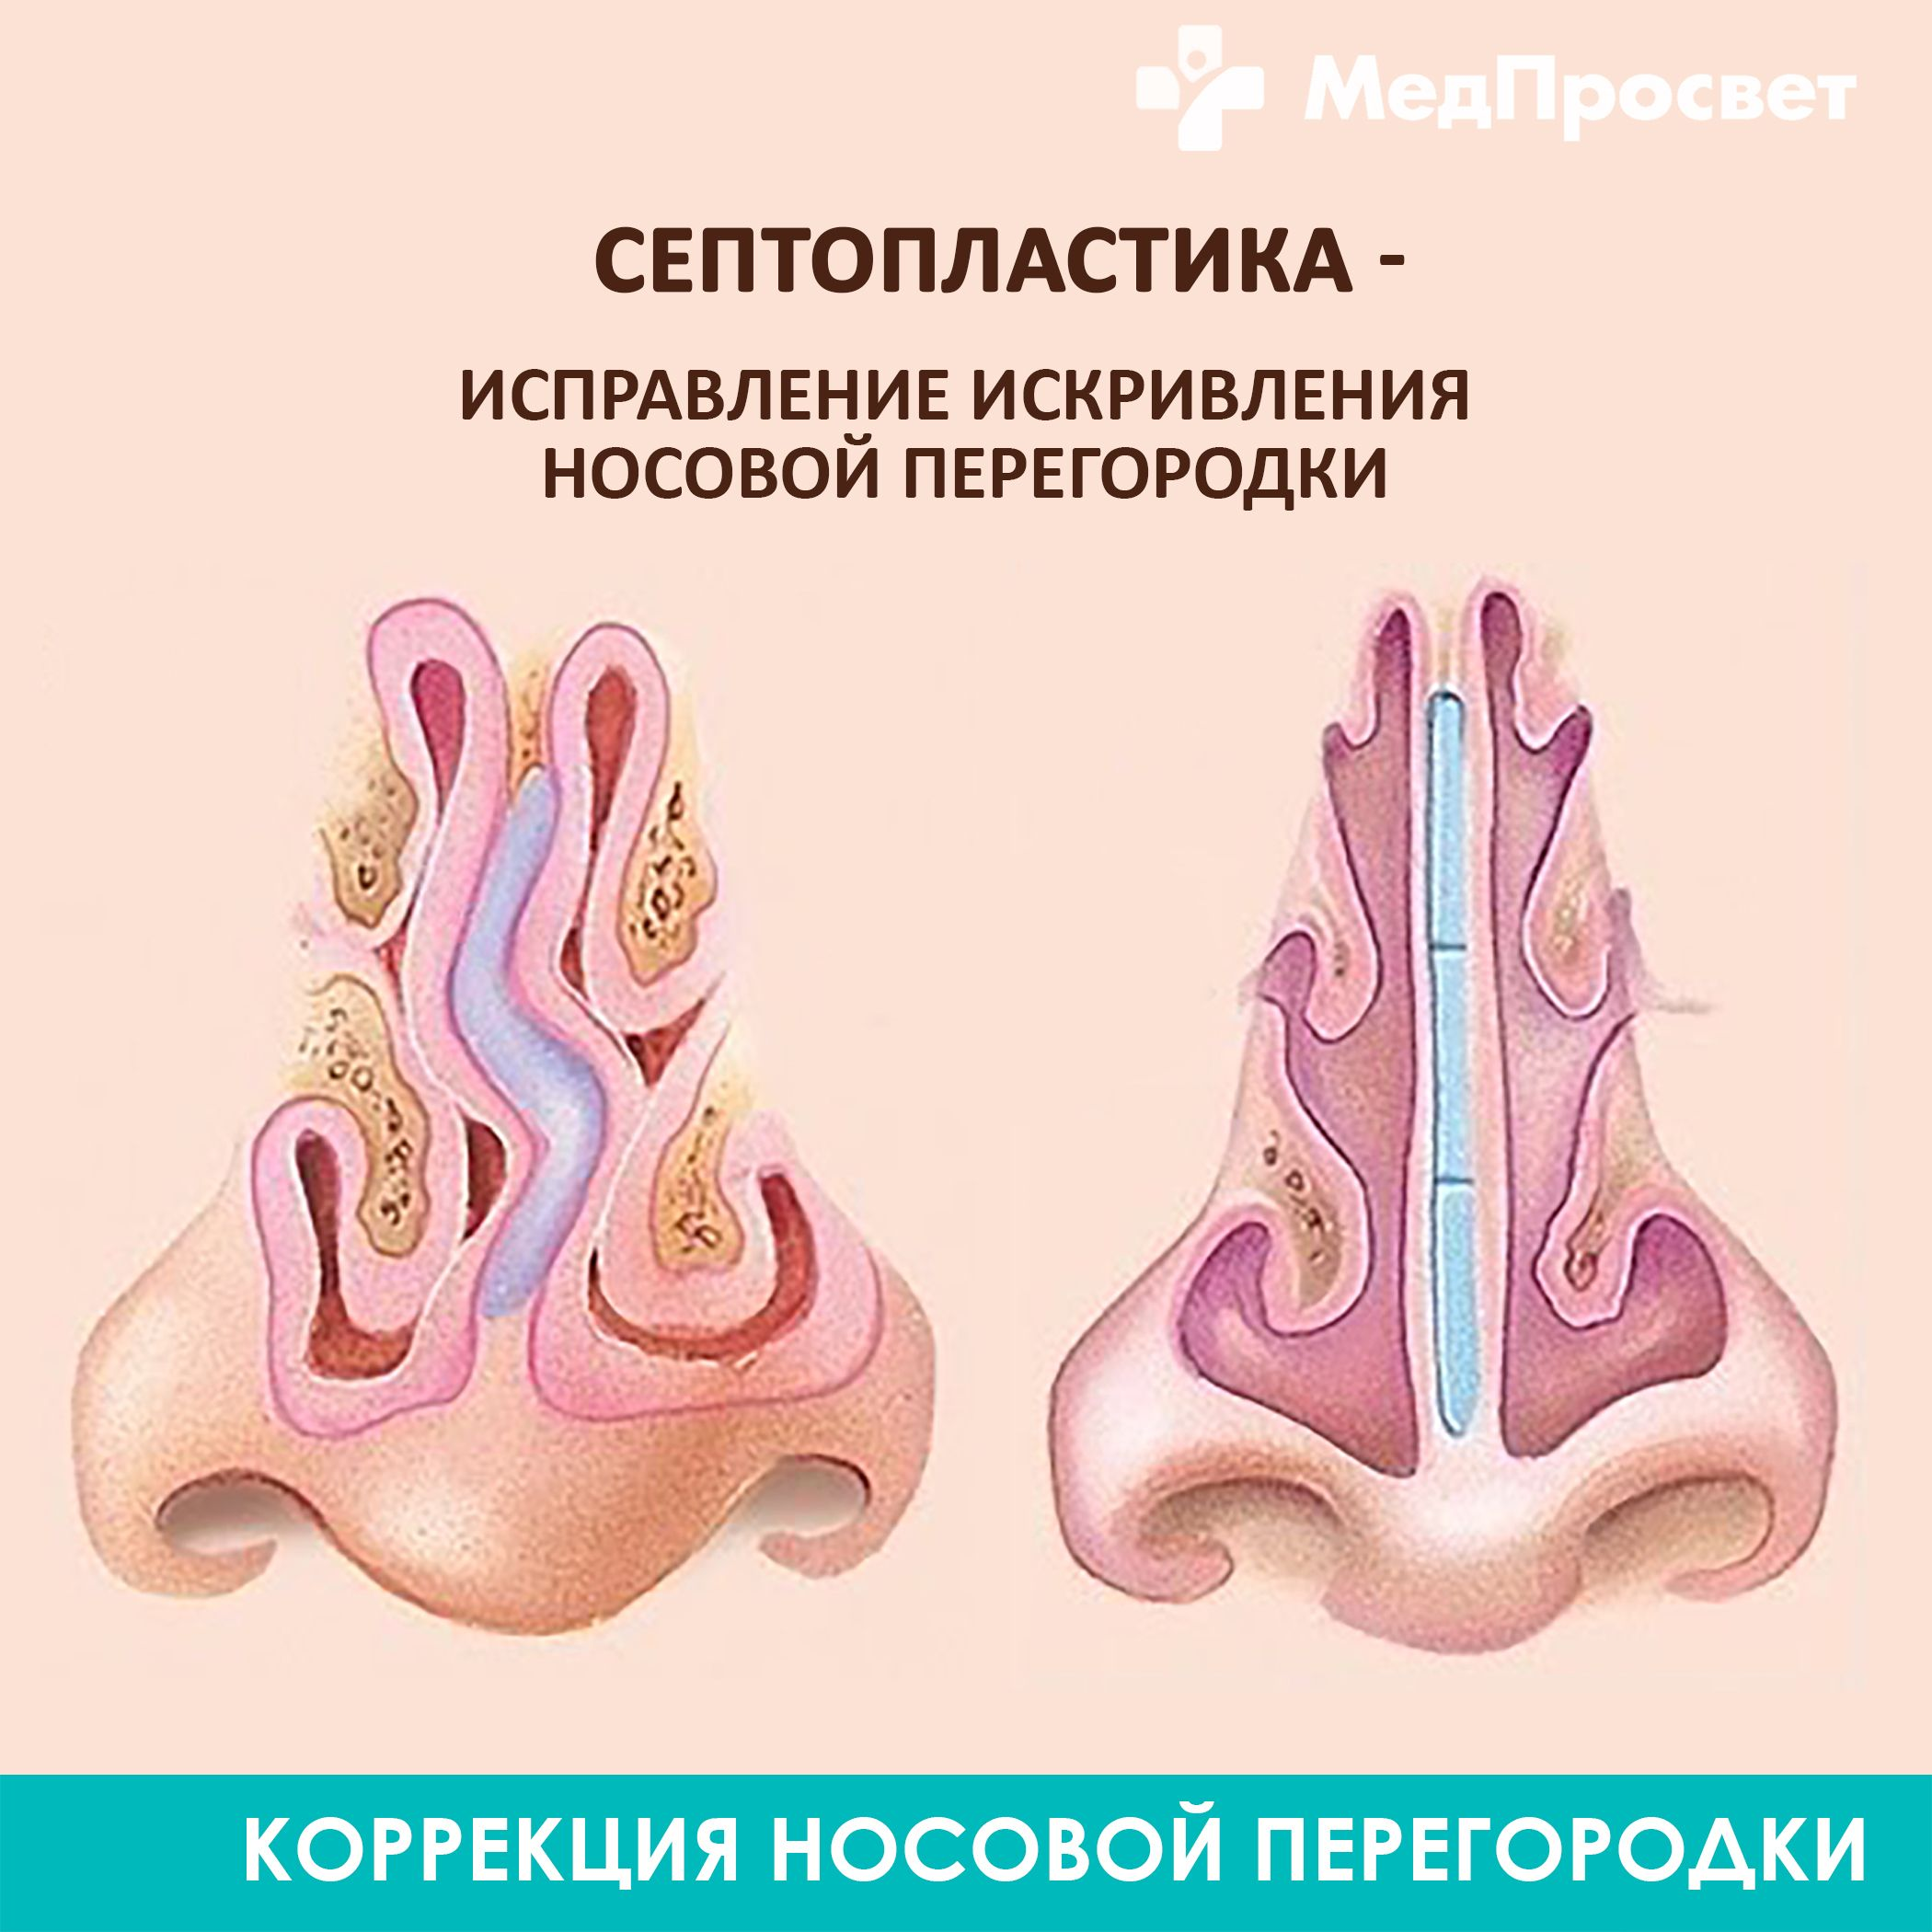 Септопластика носовой перегородки: показания и противопоказания к проведению операции